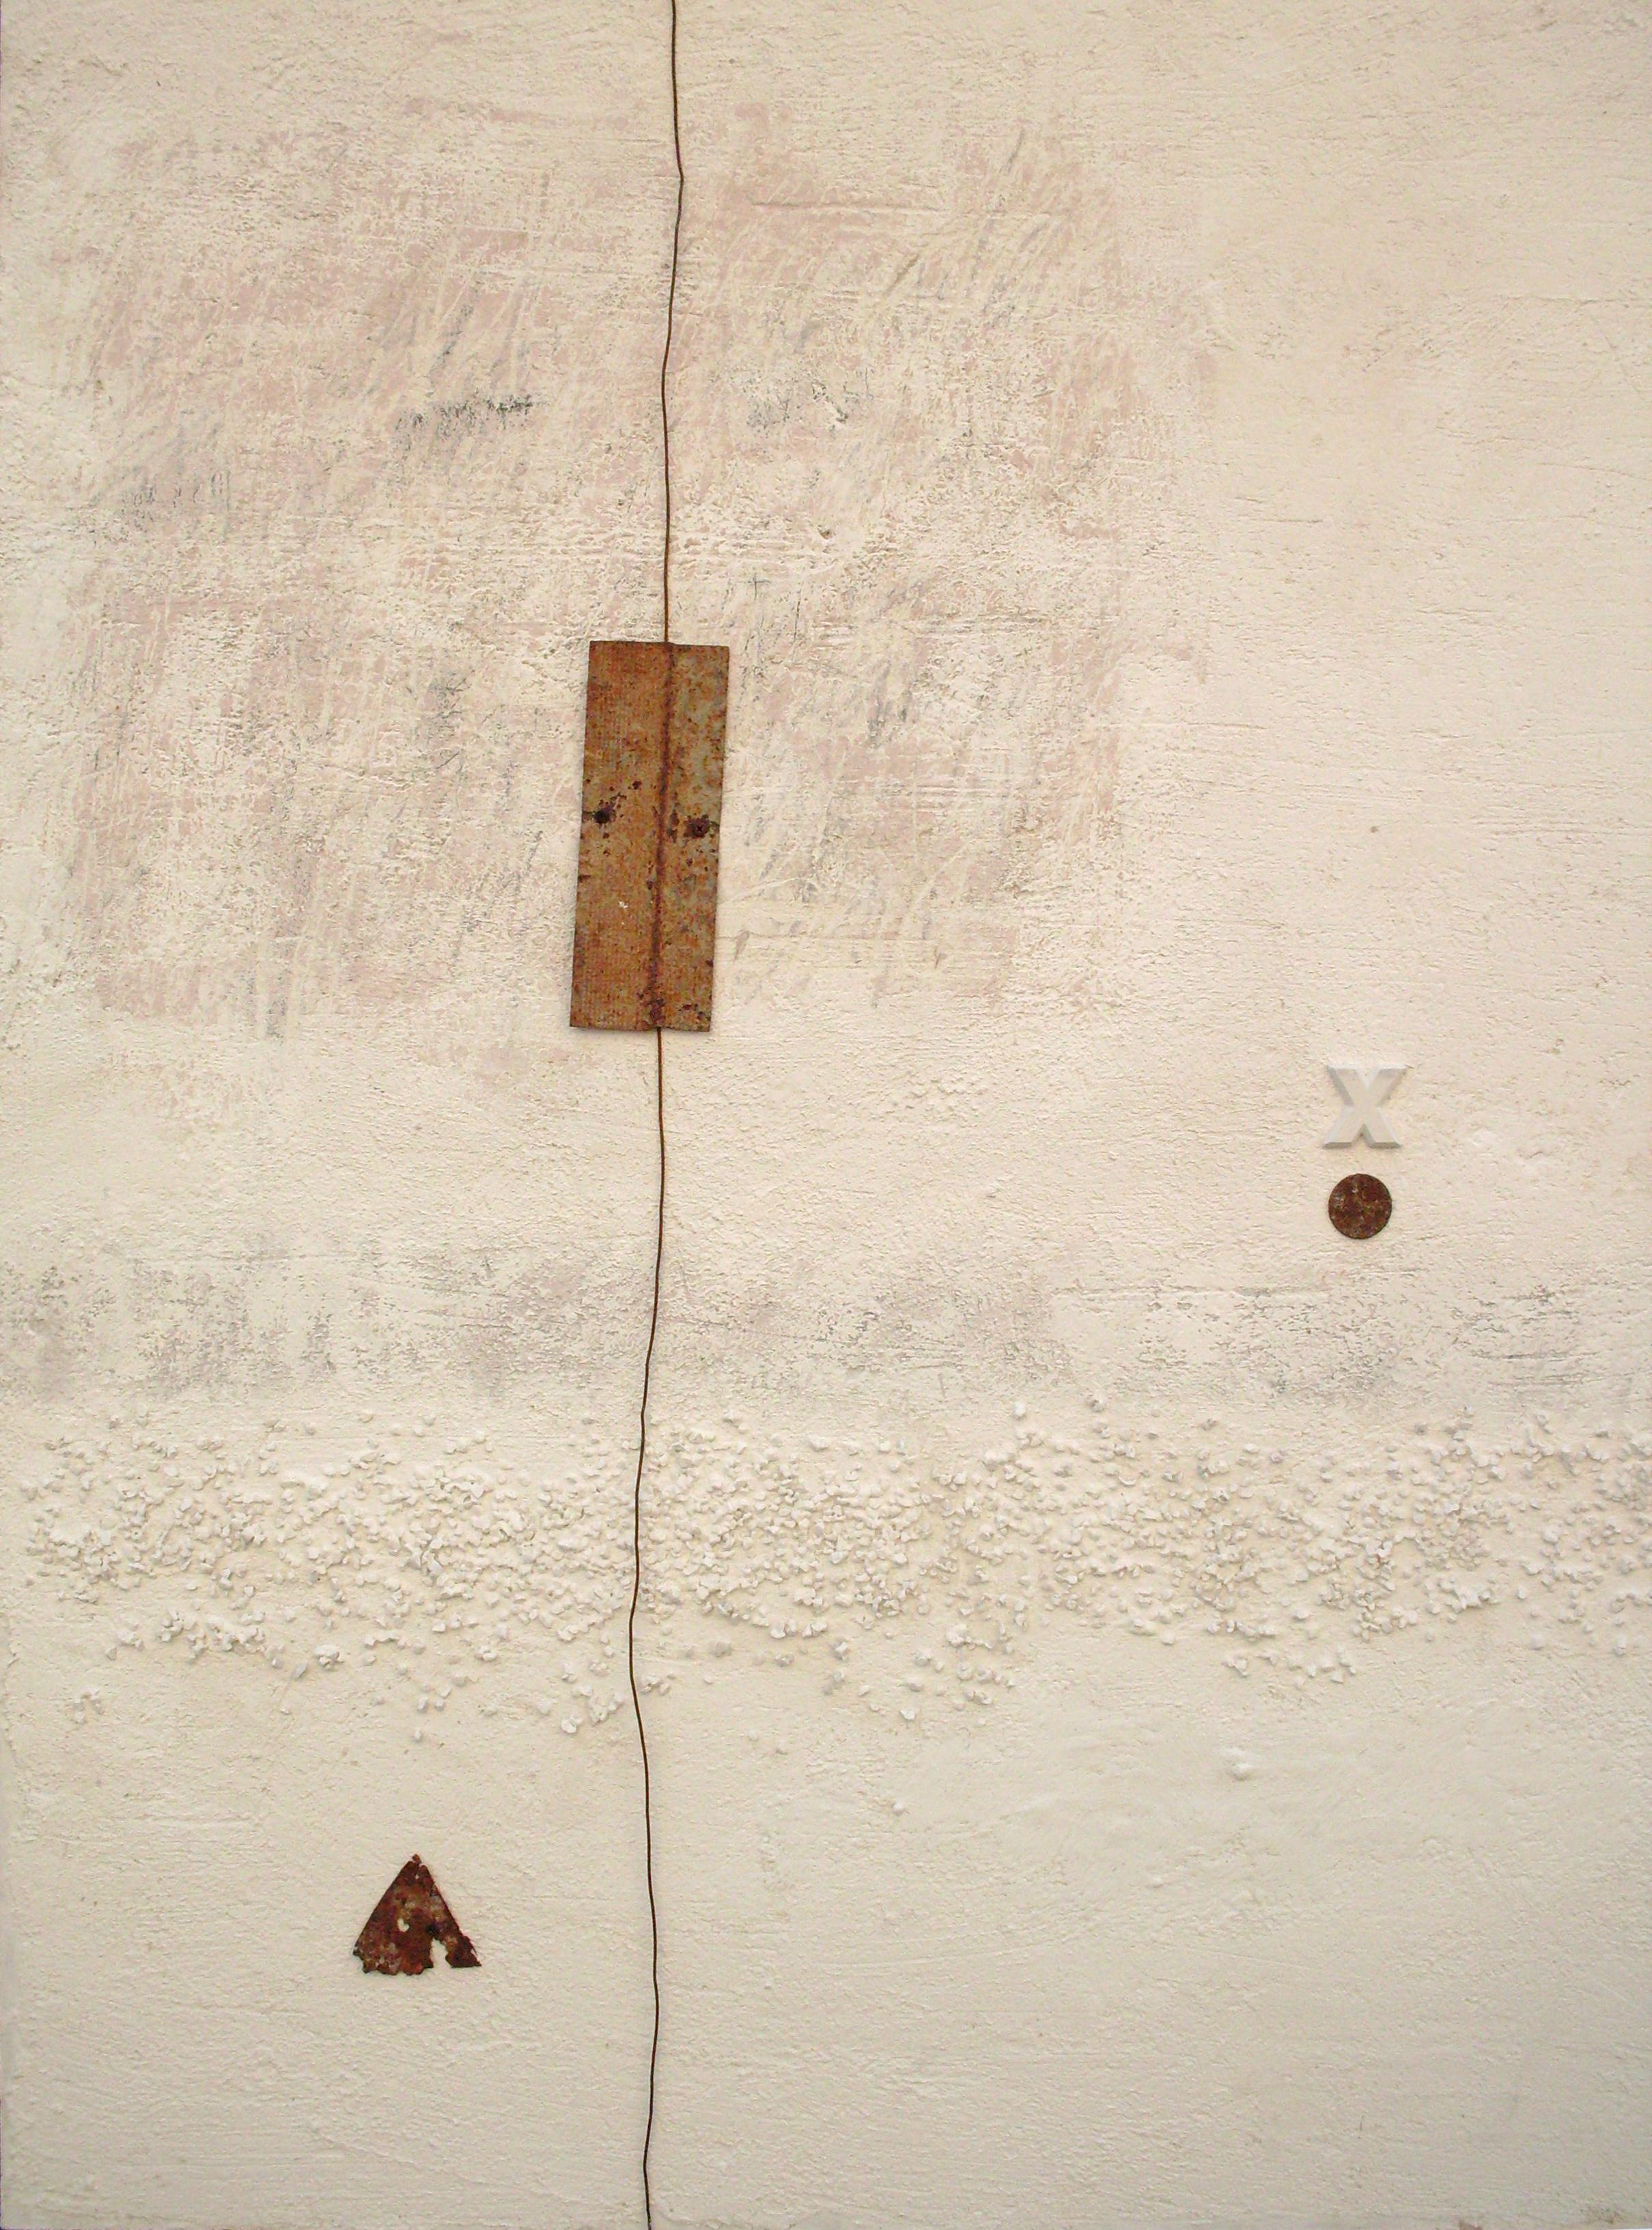 La libertà si tinge di bianco, tecnica mista su tavola e ferro, 100x80, 2008